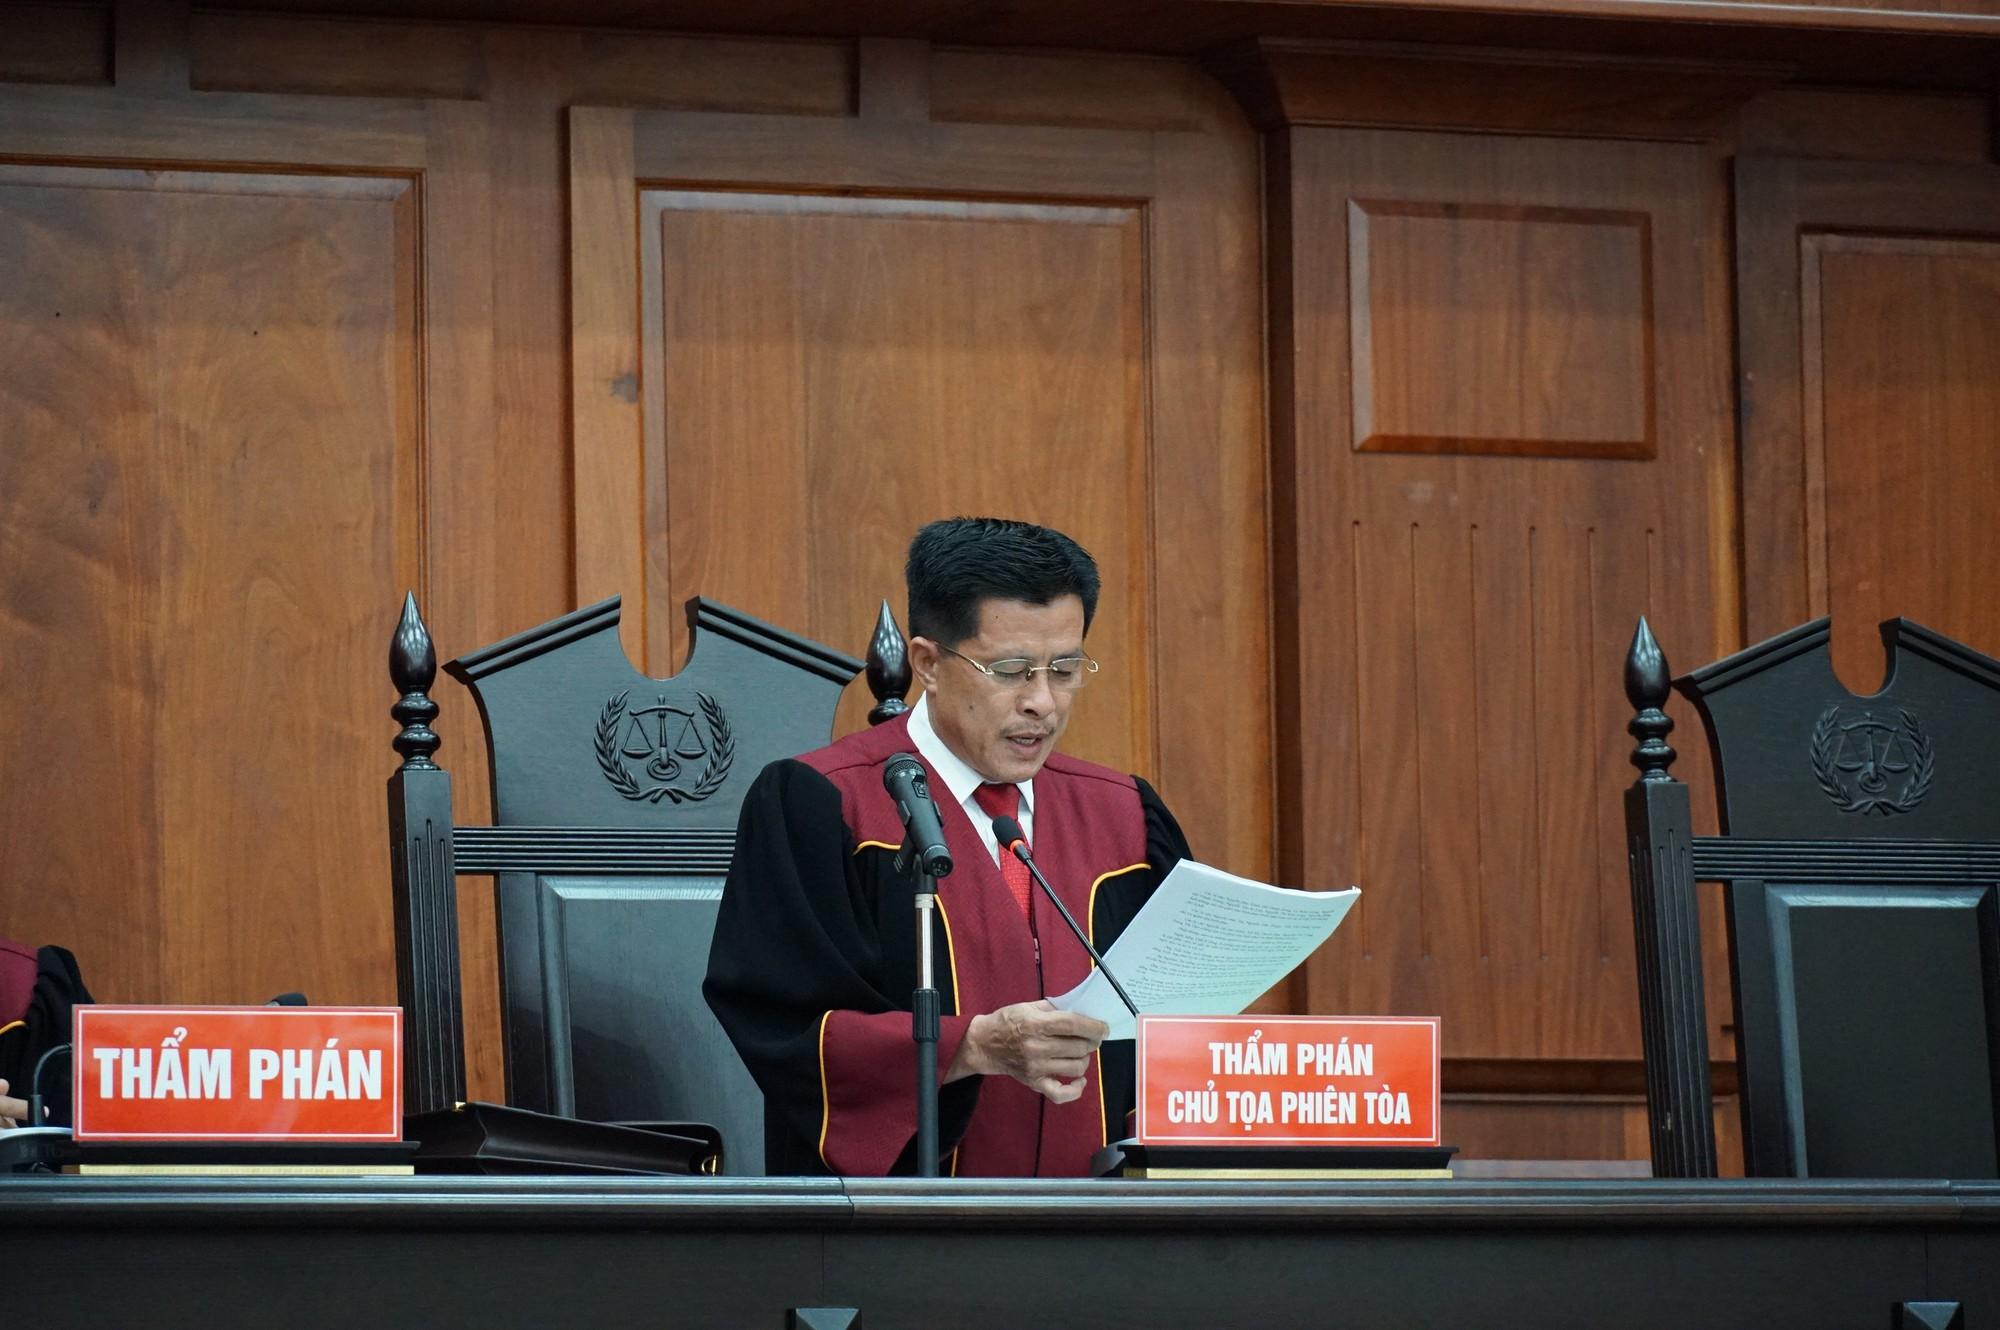 Vũ nhôm tươi cười dù kêu oan bất thành trong đại án 3.600 tỉ ở ngân hàng Đông Á - Ảnh 7.